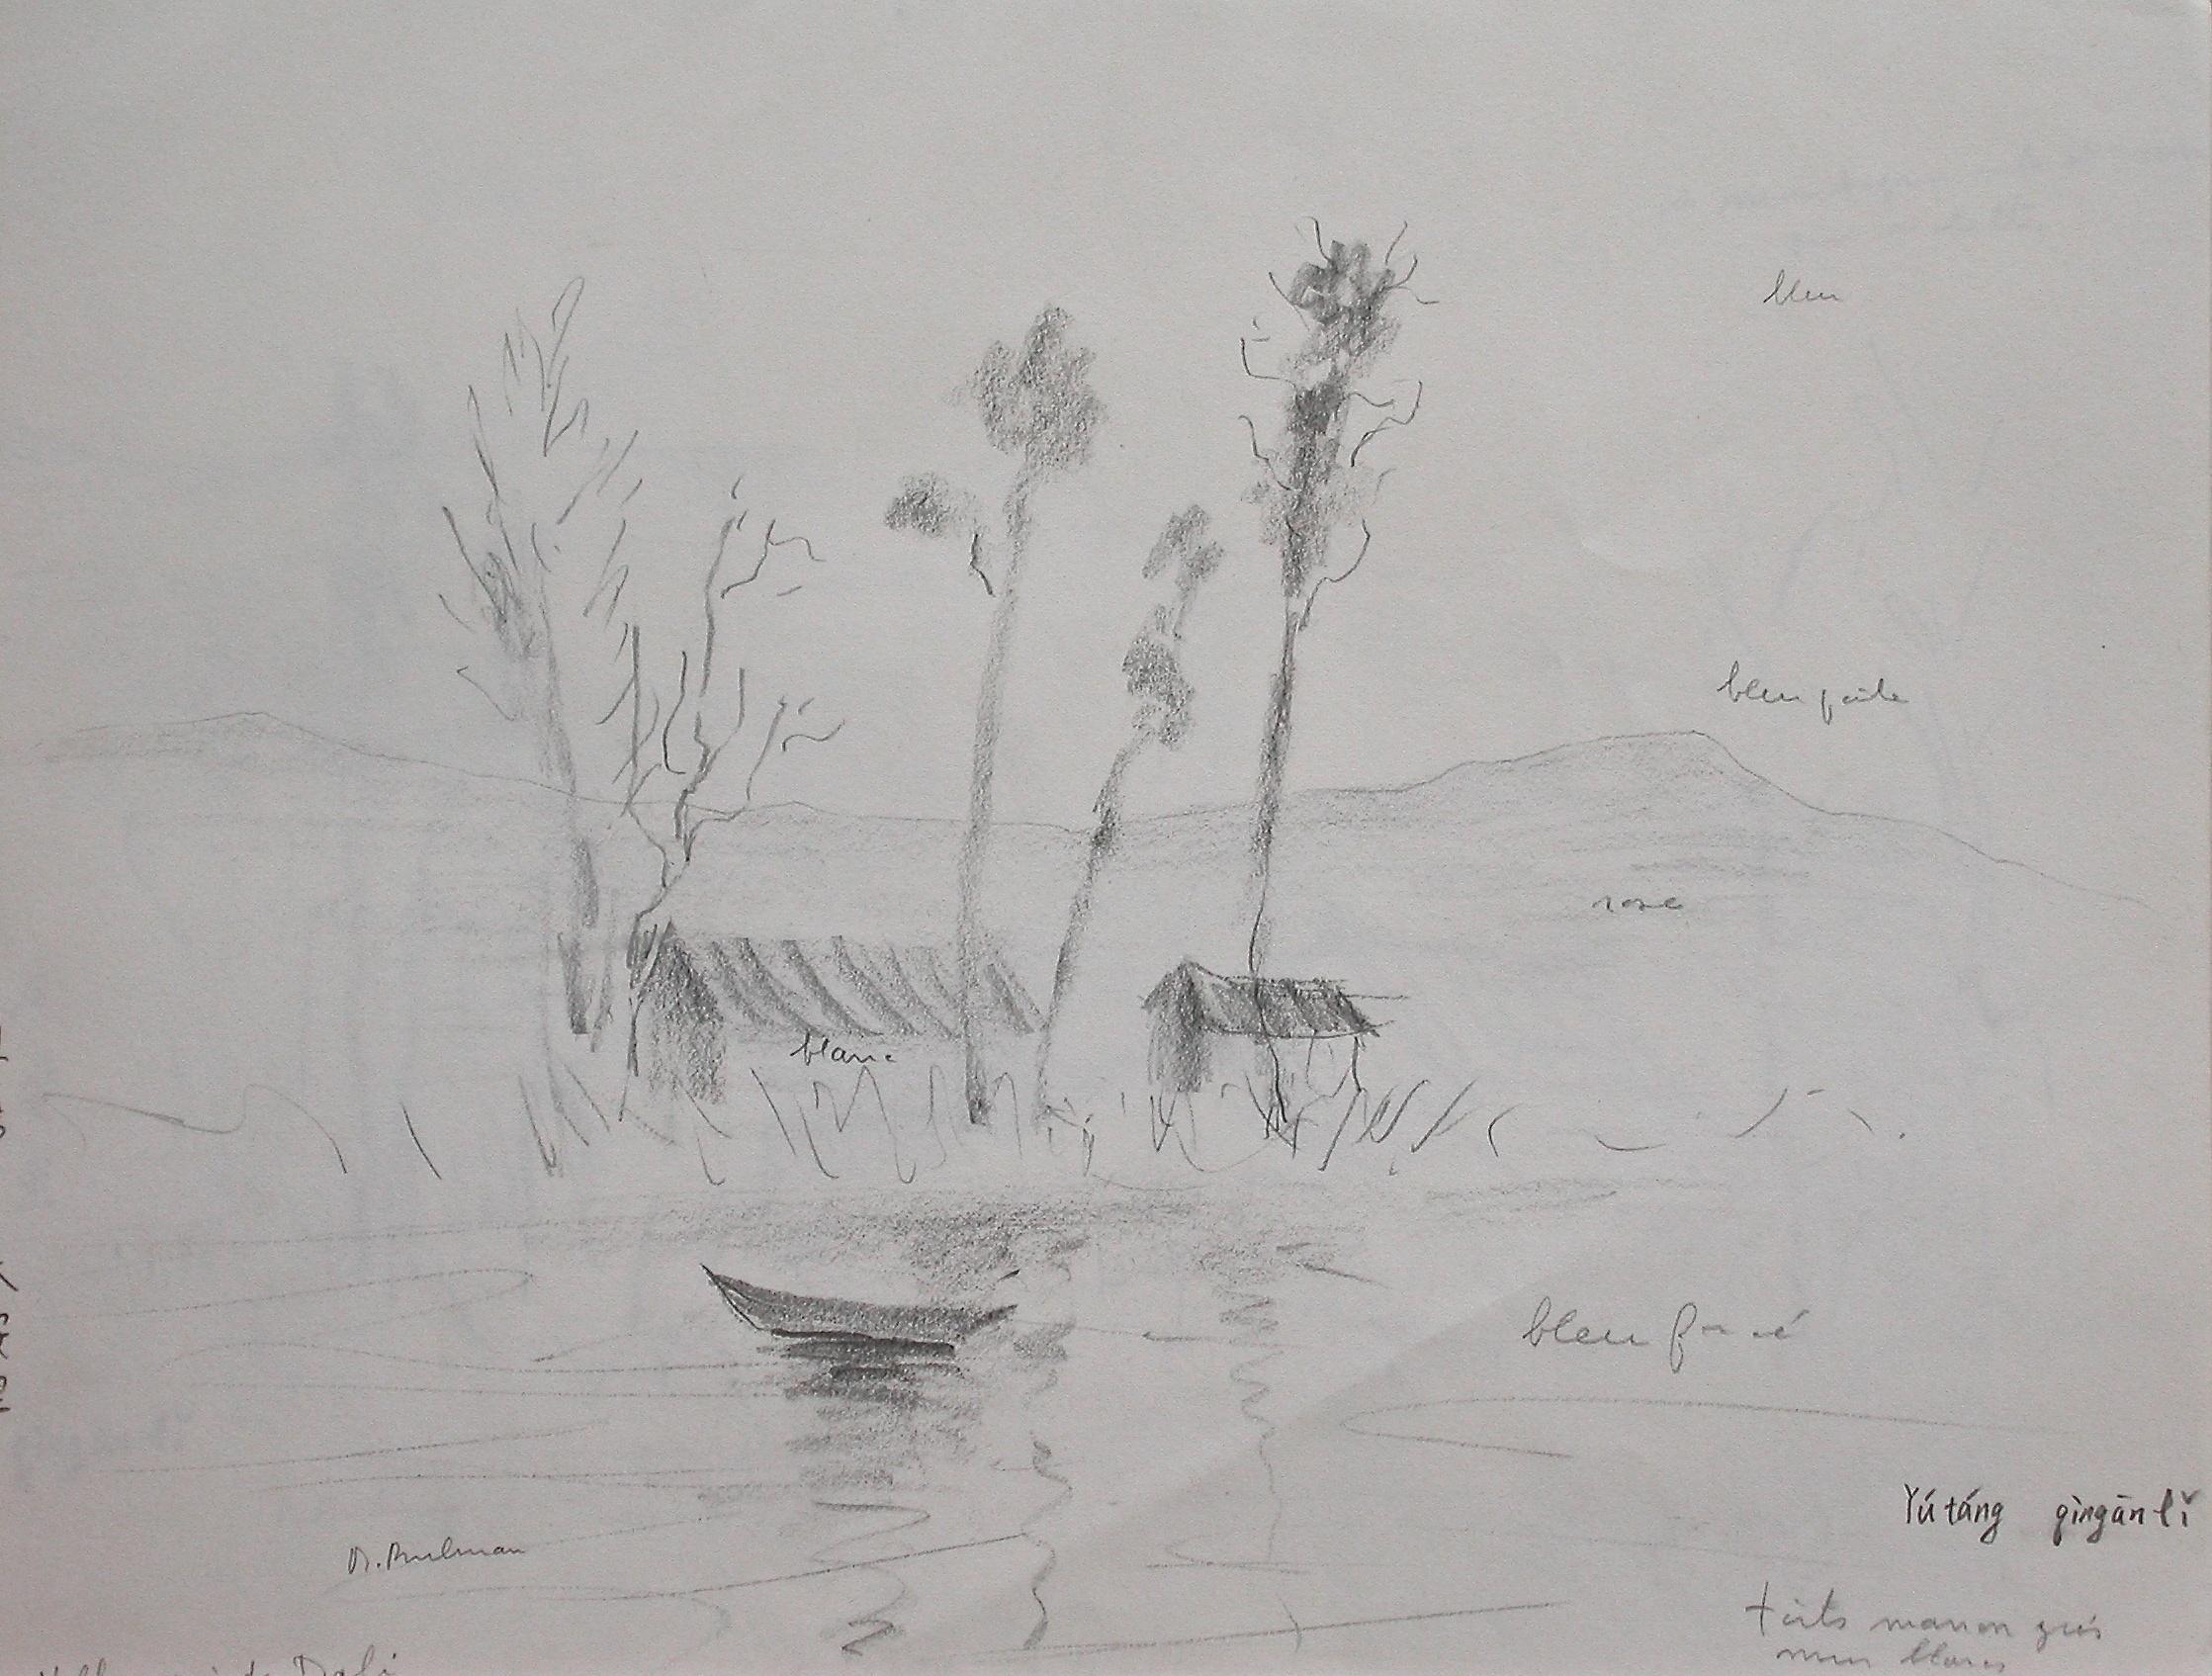 Yutang Pingang